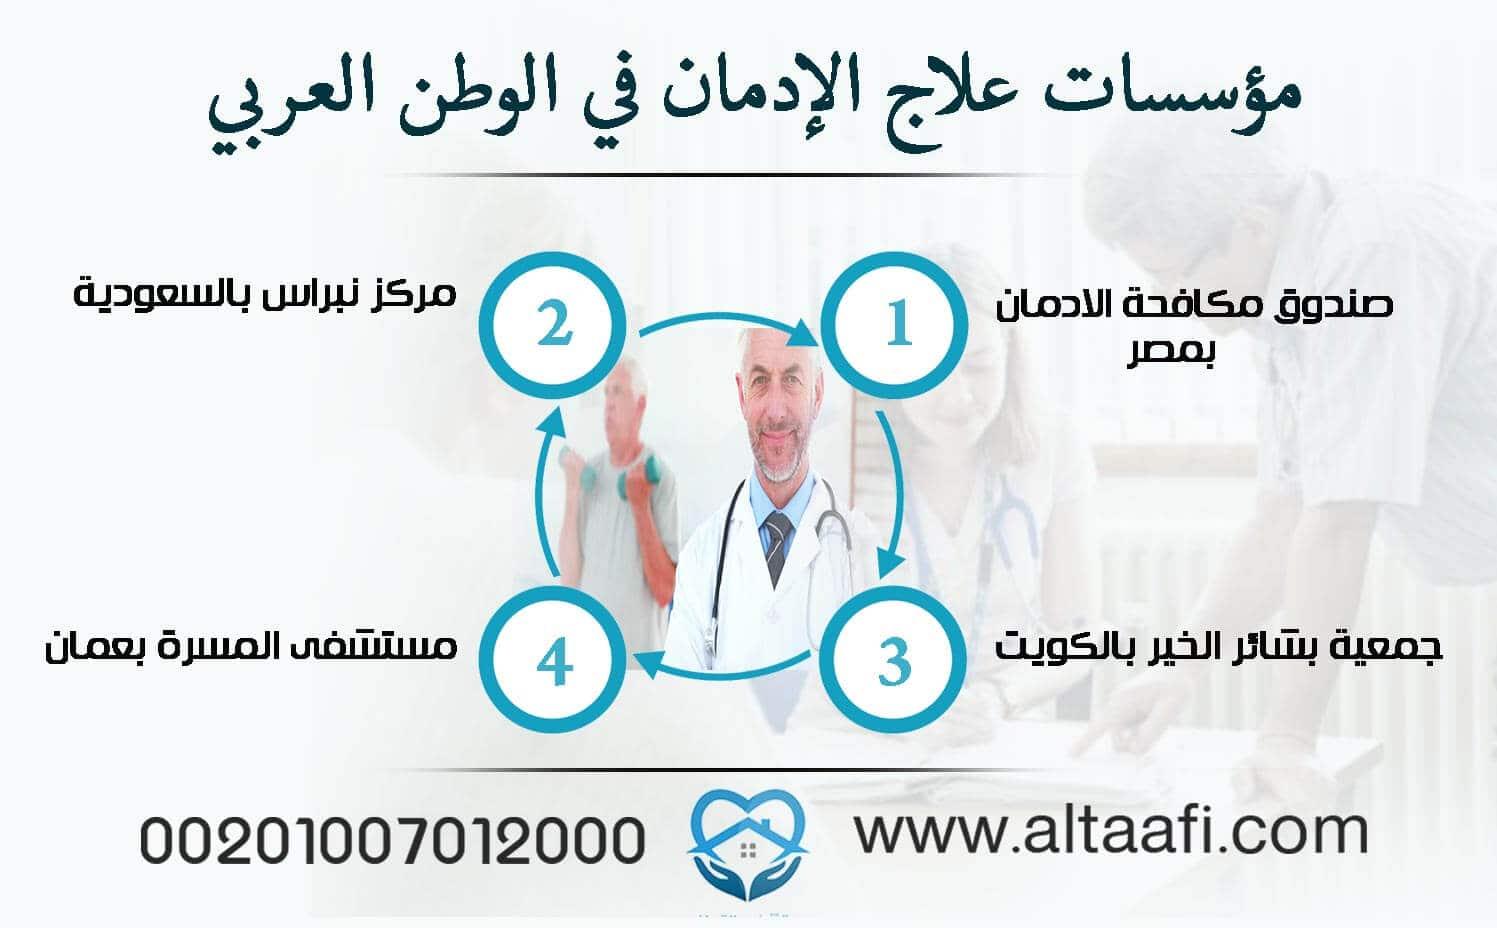 مؤسسات علاج الإدمان في الوطن العربي